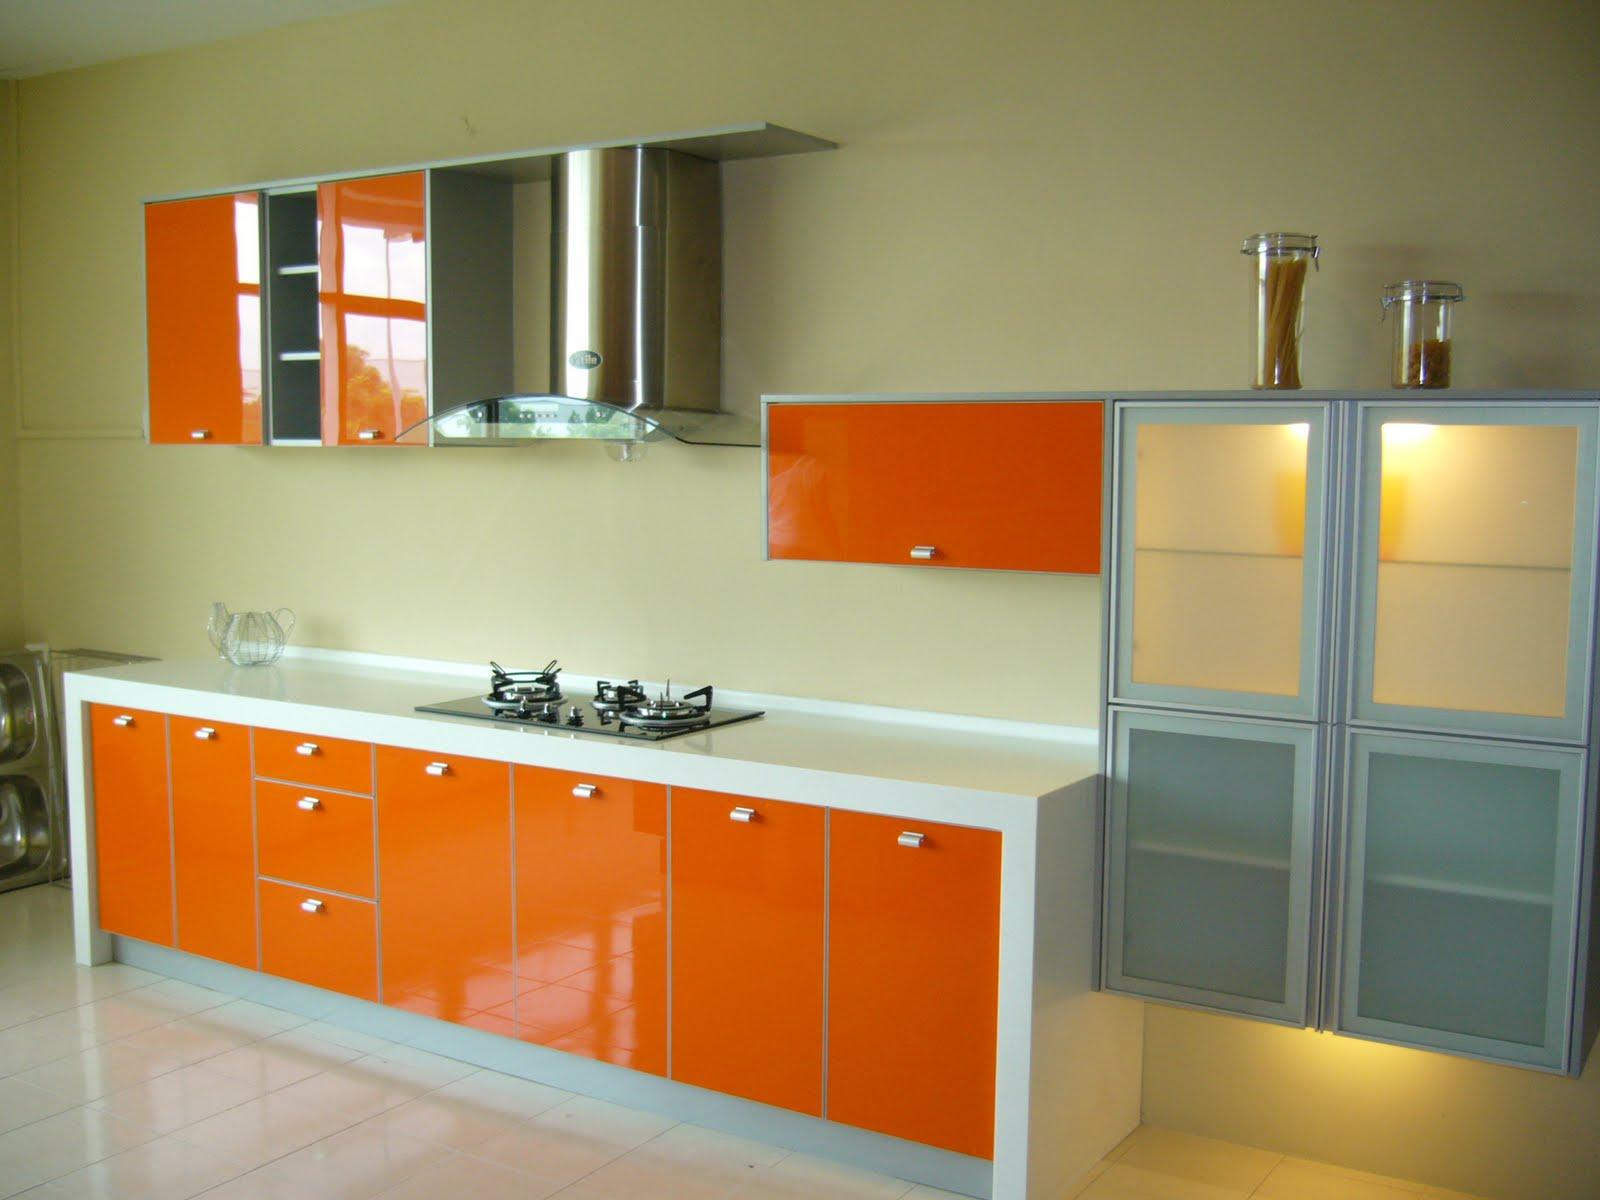 3 Kitchen High Gloss 3g